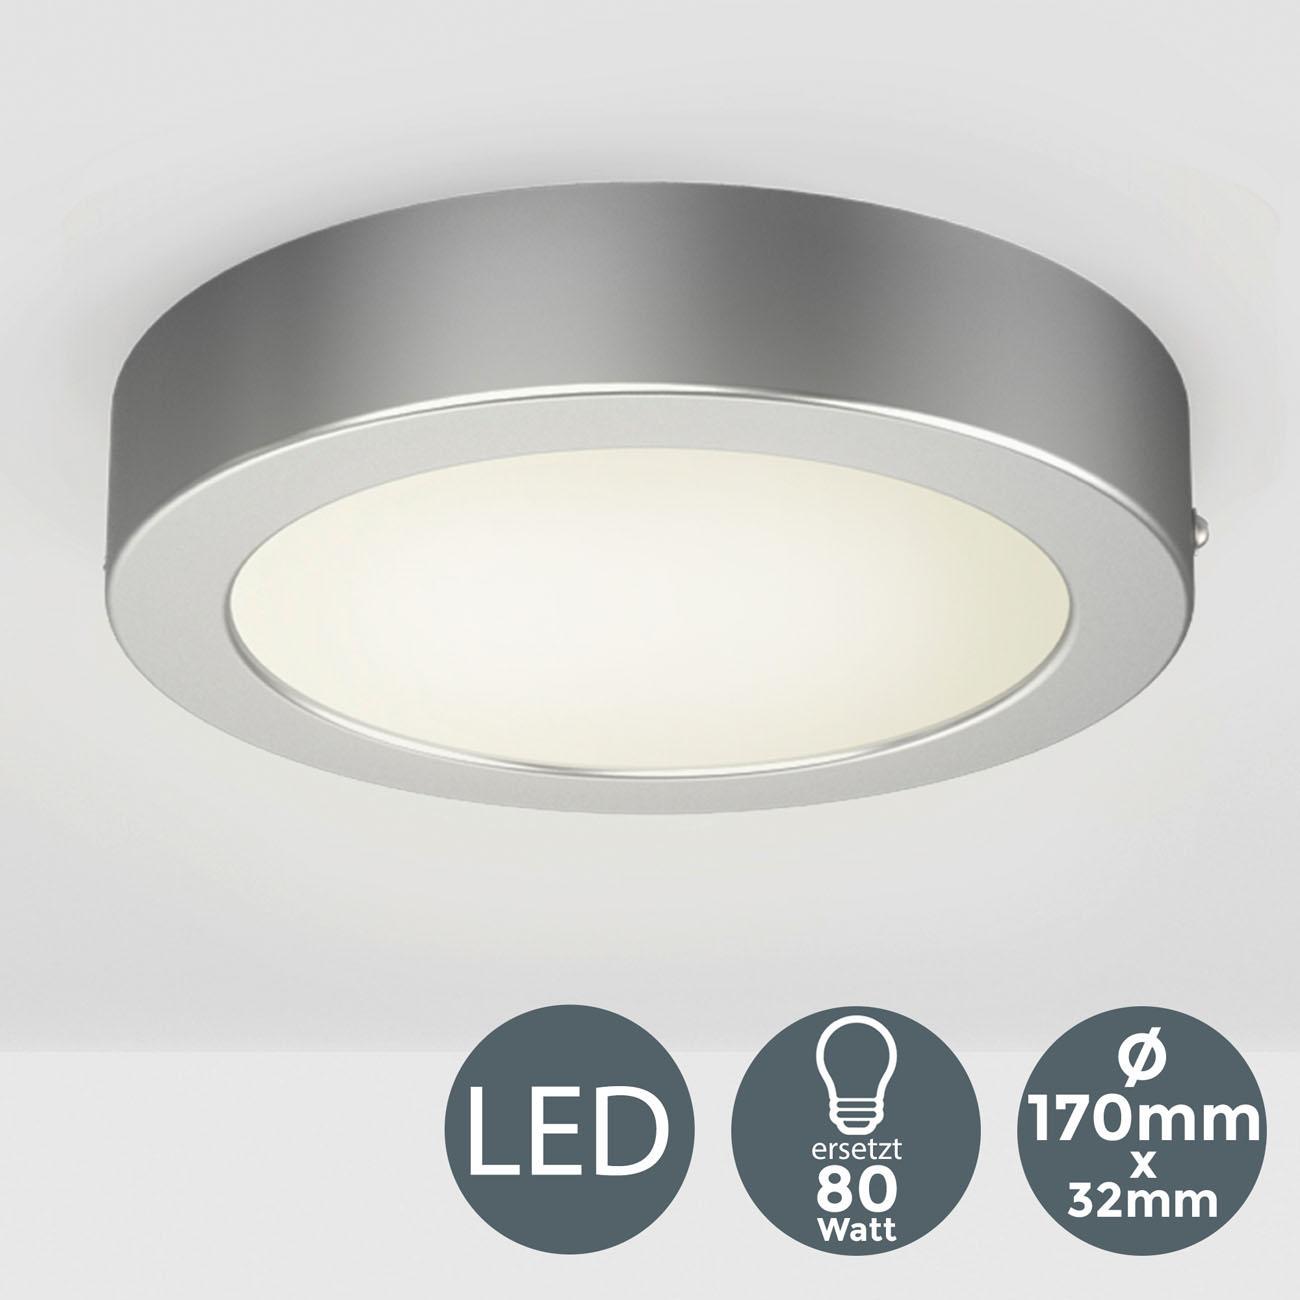 LED Aufbauleuchte Aufputzstrahler rund grau - 3